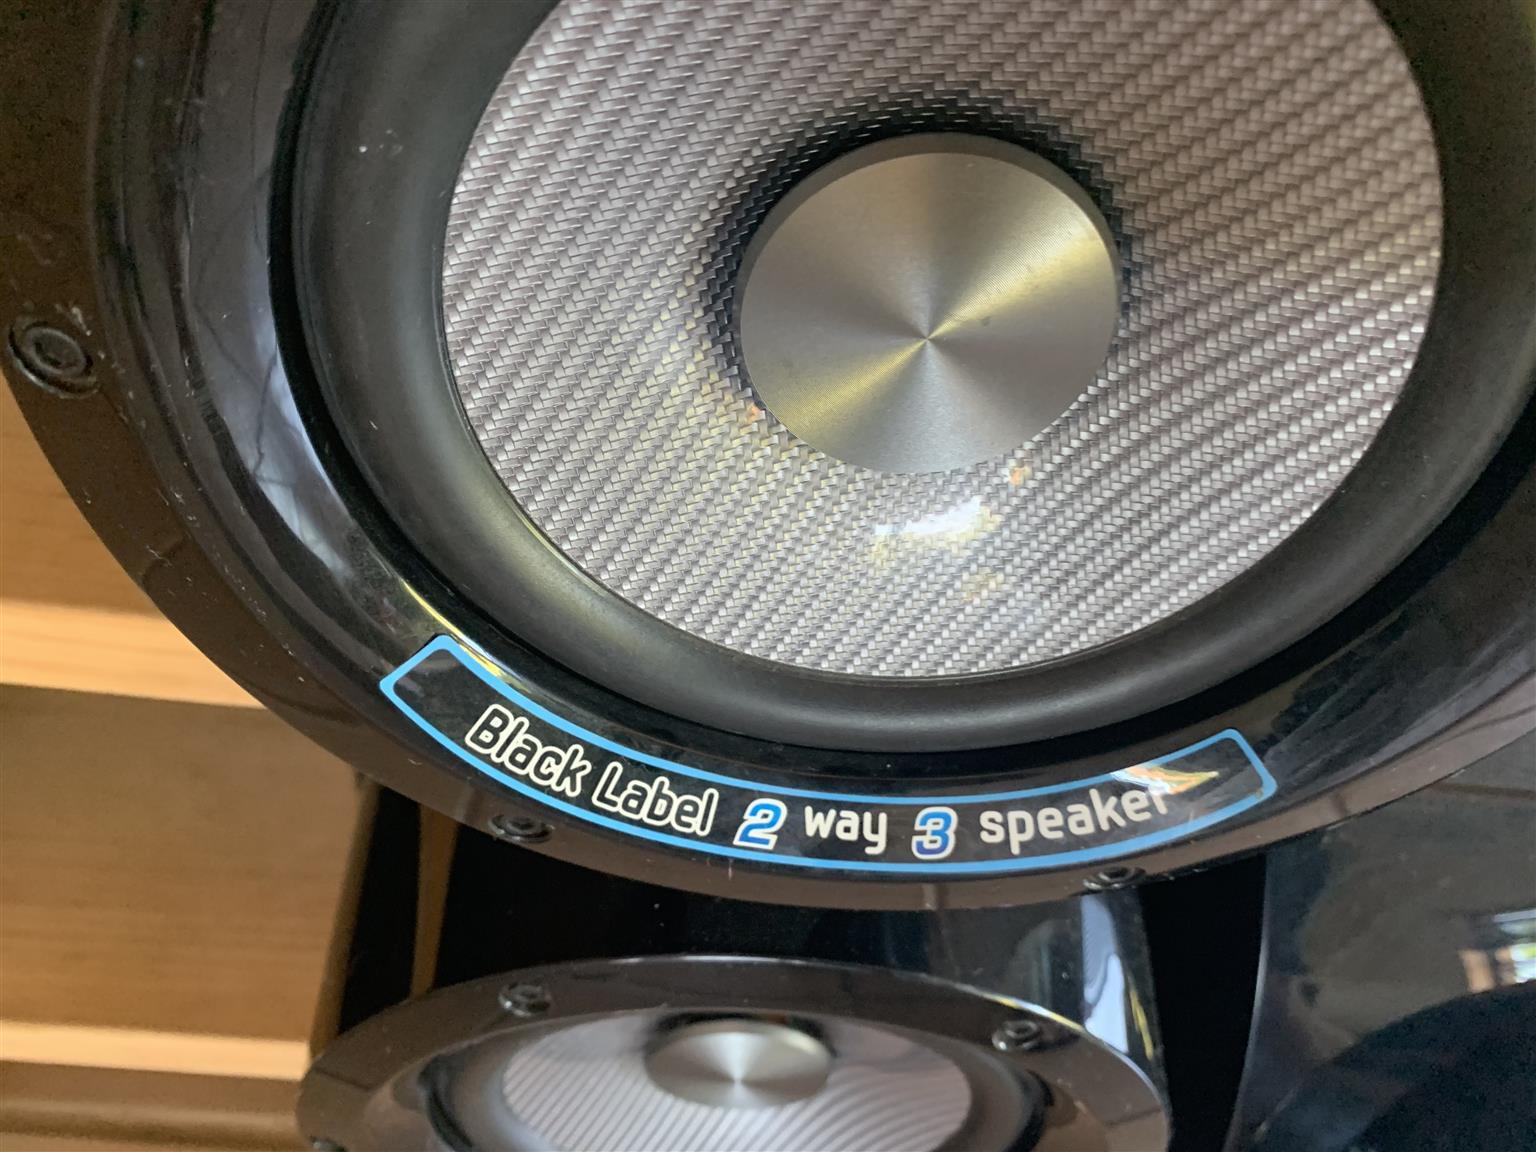 Samsung 5.1 Surround Sound System